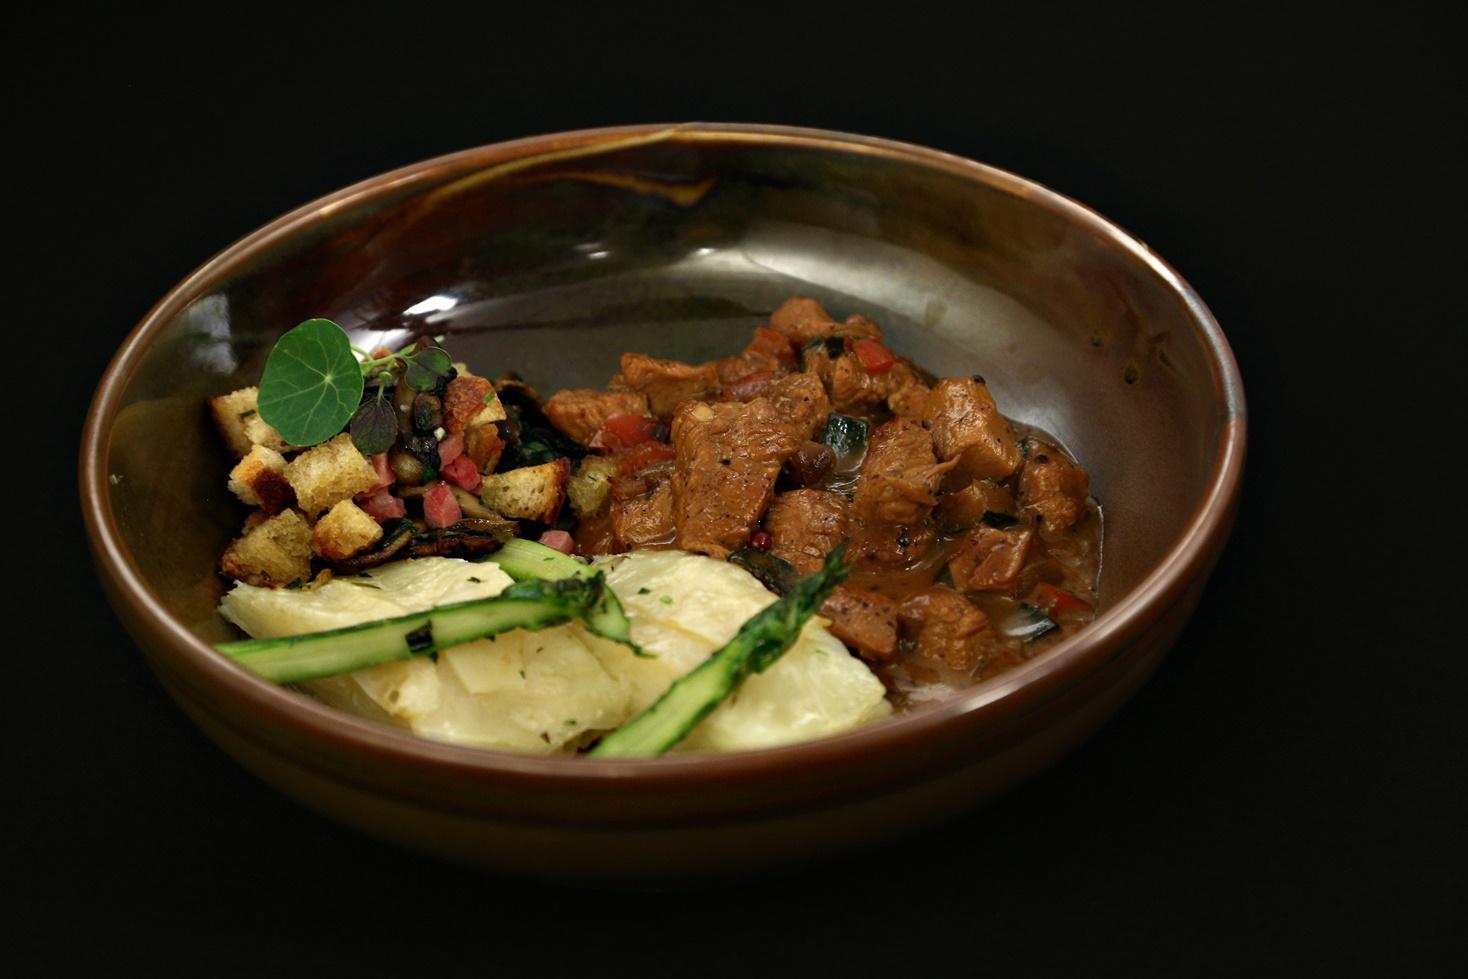 Rețetă de tocăniță de curcan cu sos cu cimbrișor, gătită de concurentul Vincent Lointier la Chefi la cuțite